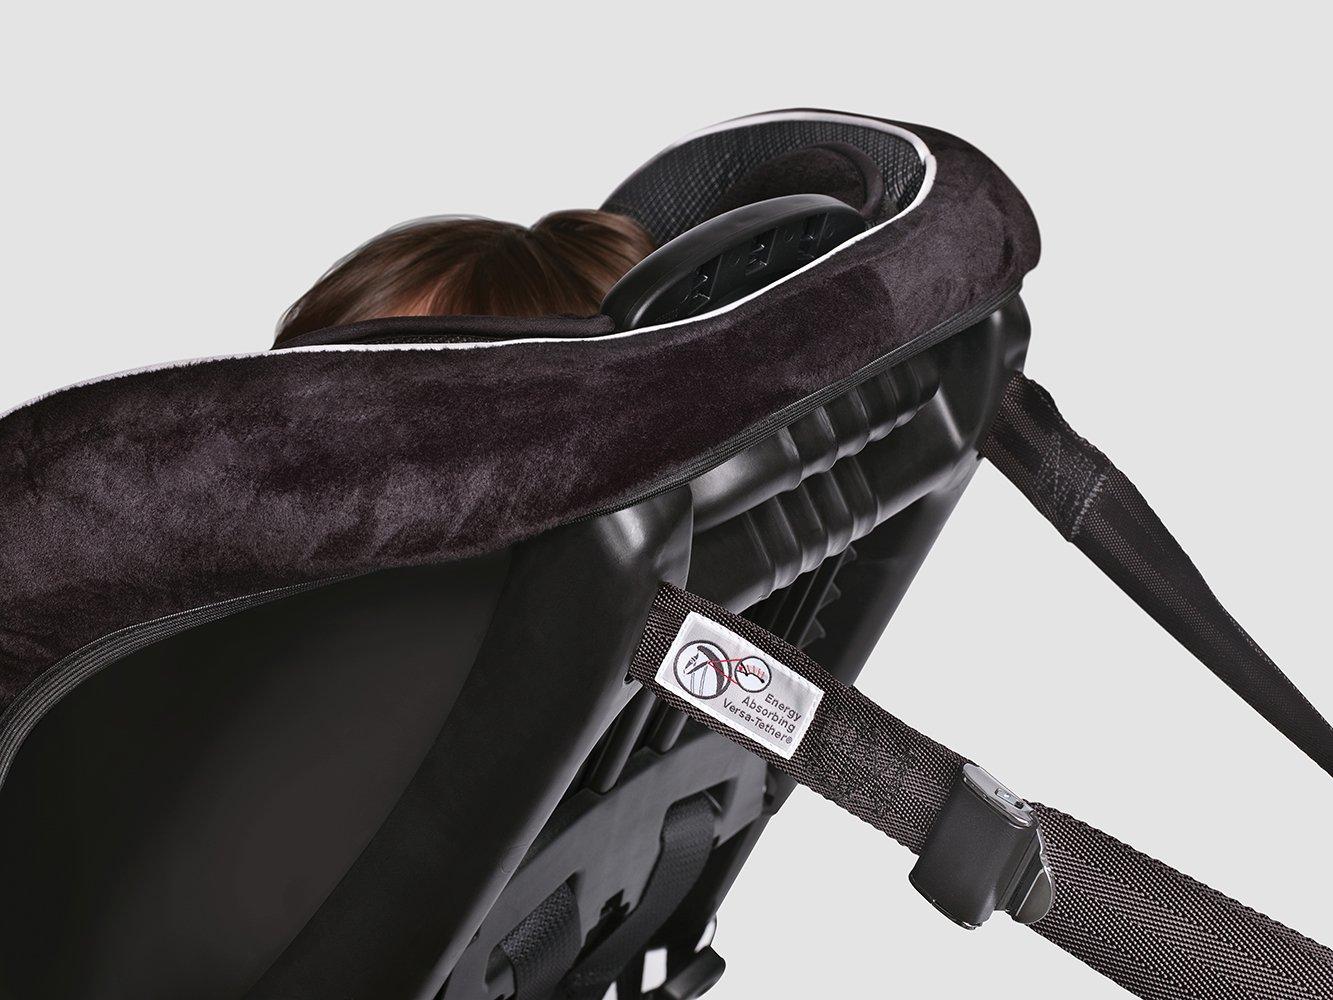 Amazon.com : Britax Pavilion G4 Convertible Car Seat, Gridline ...